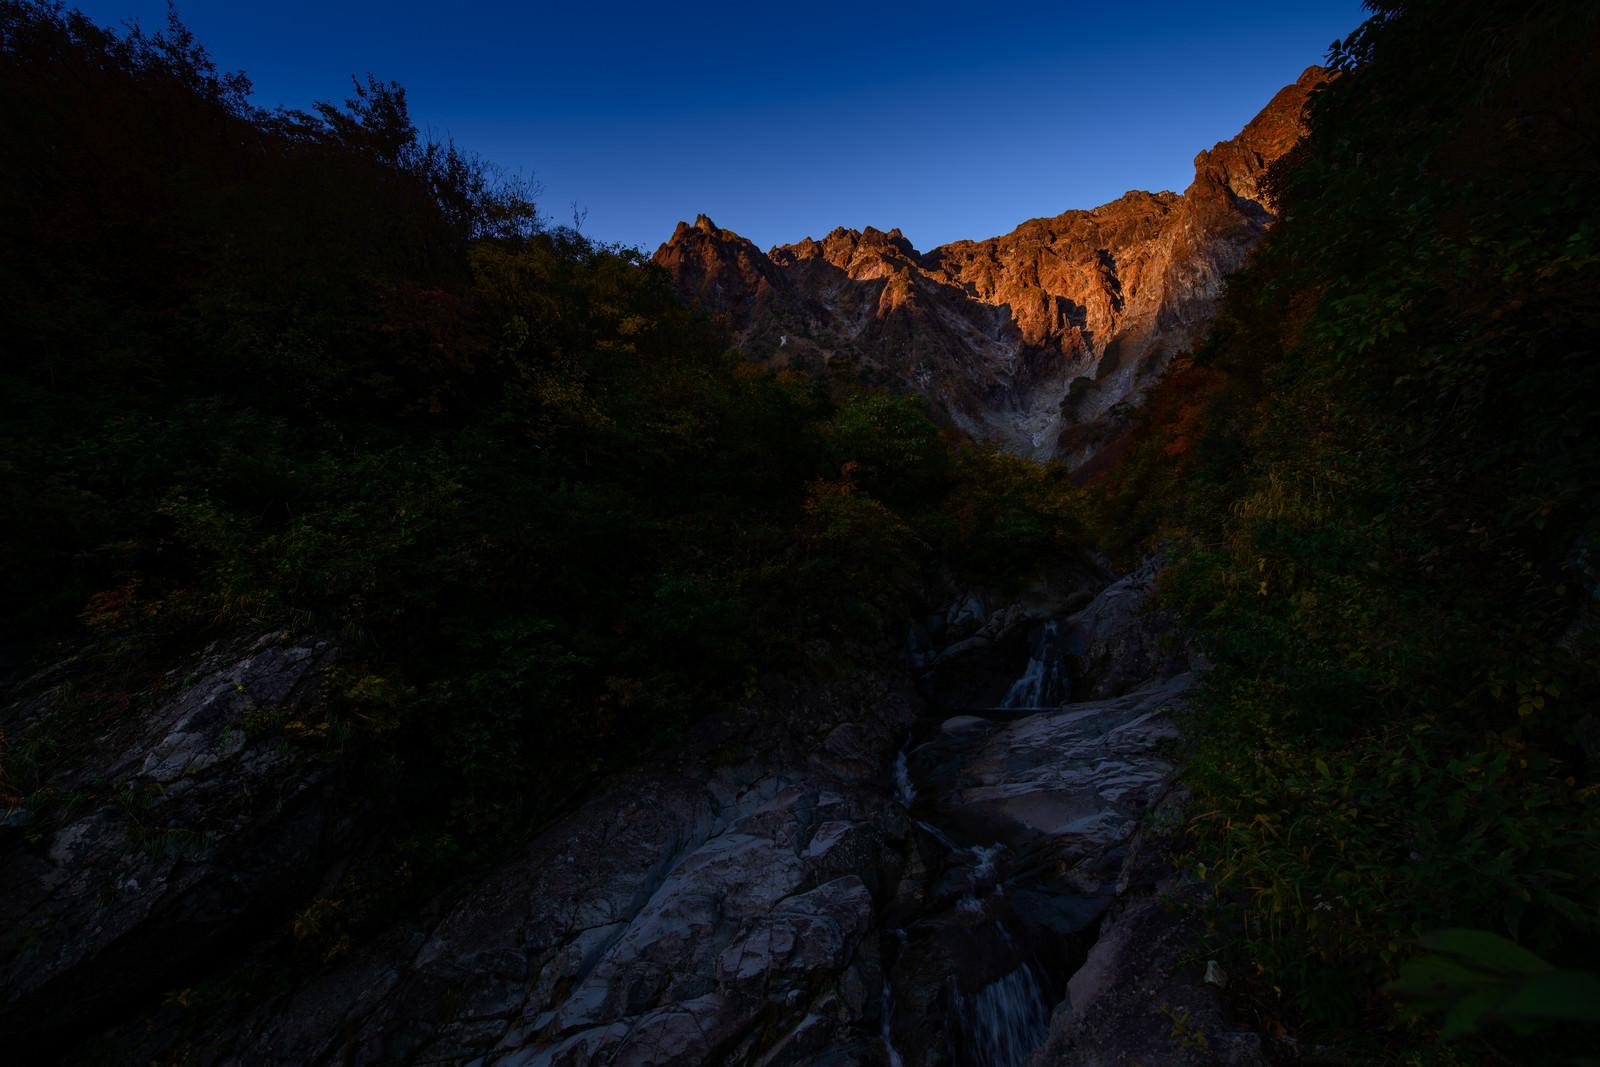 「朝日を浴びる巨大な岩壁(一ノ倉沢)」の写真